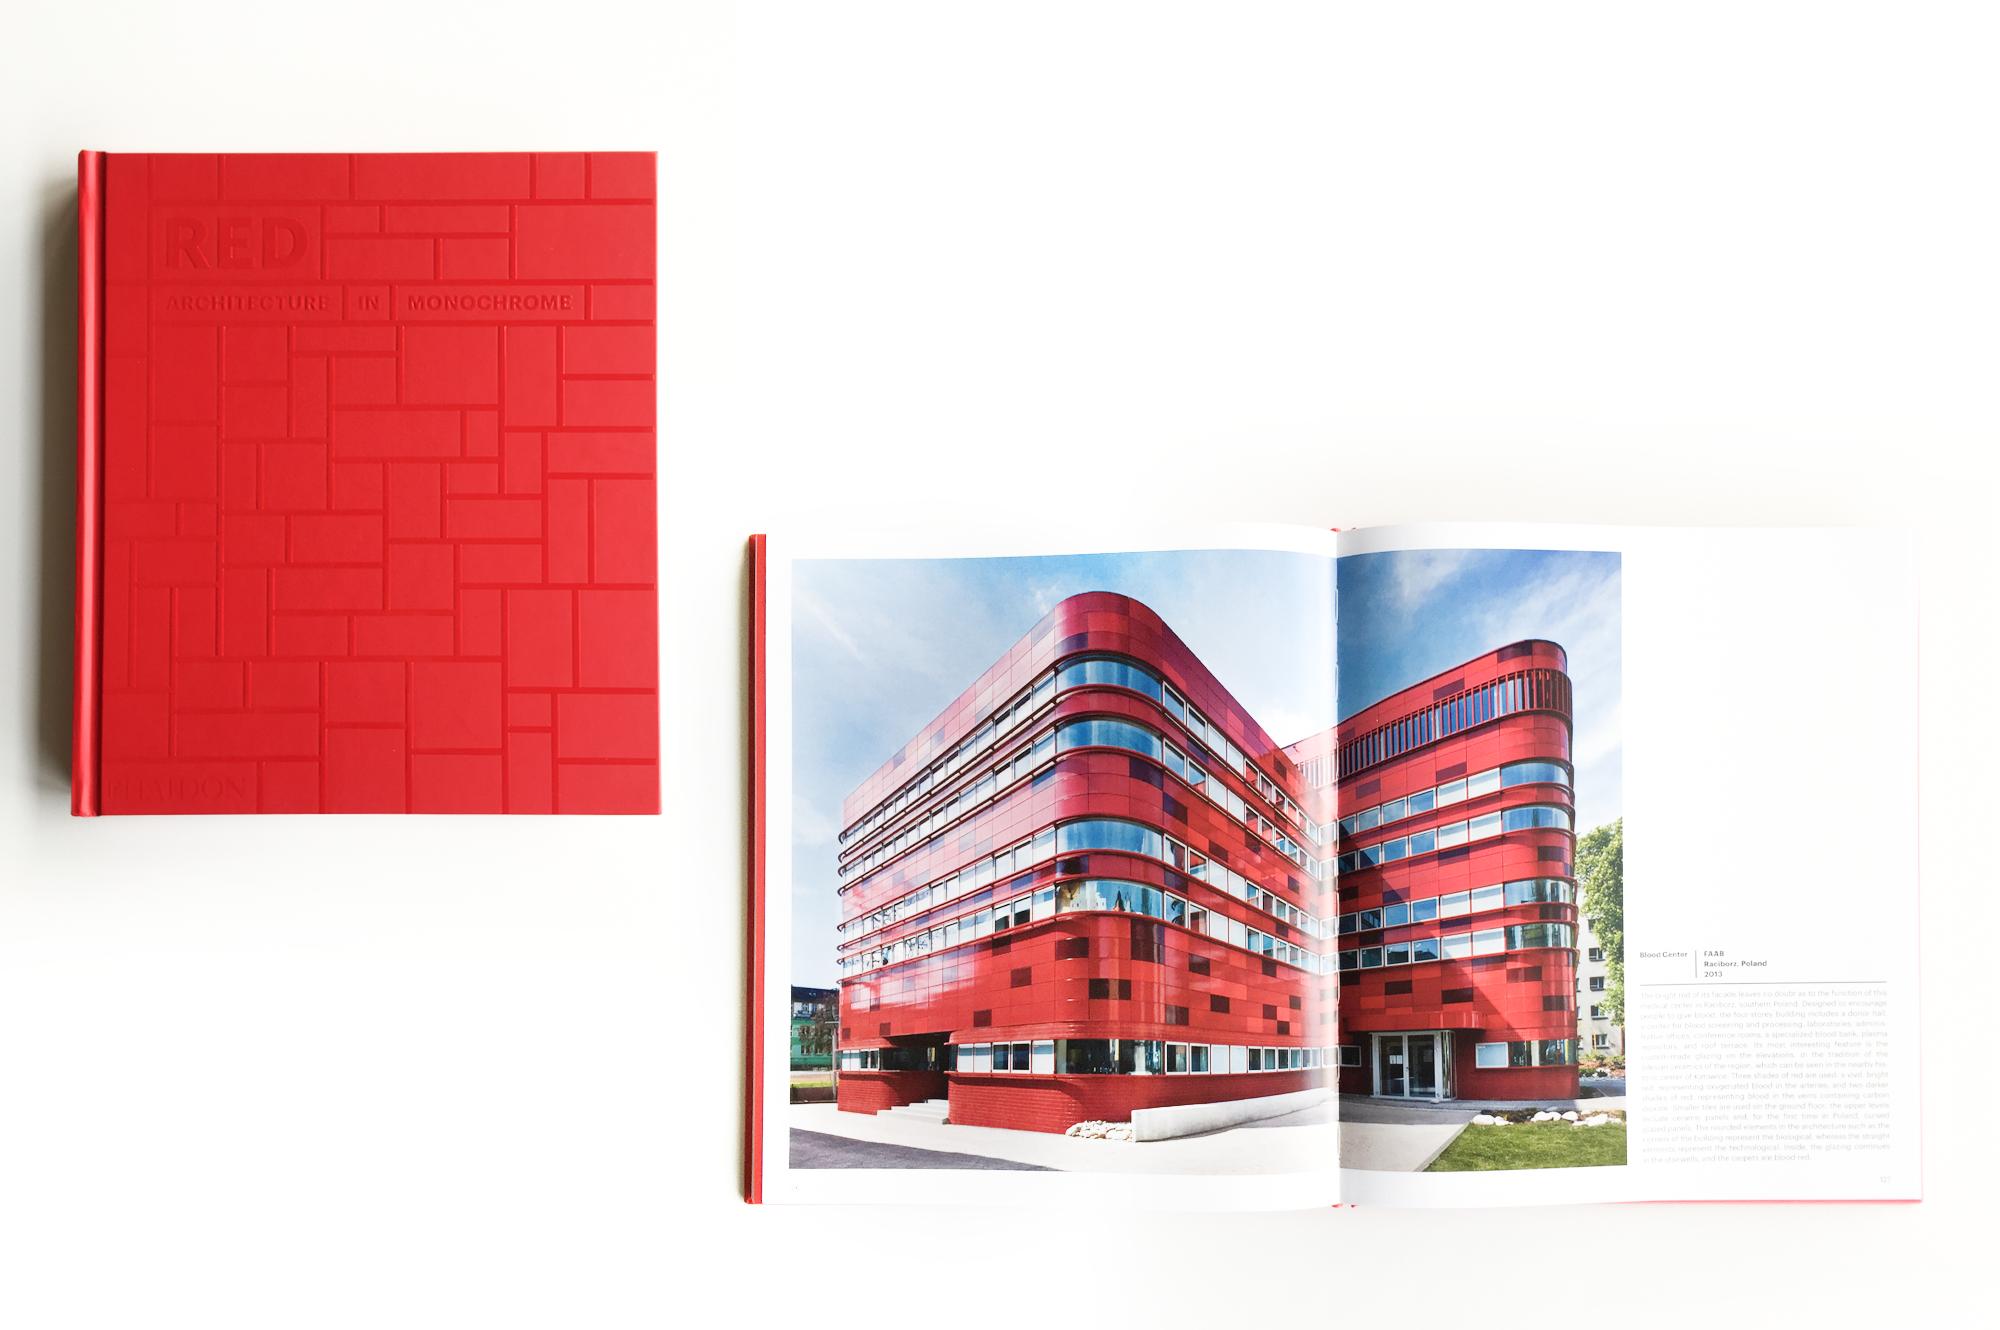 RCKiK wRaciborzu walbumie: Red. Architecture in monochrome – opublikowanym przezPhaidon.